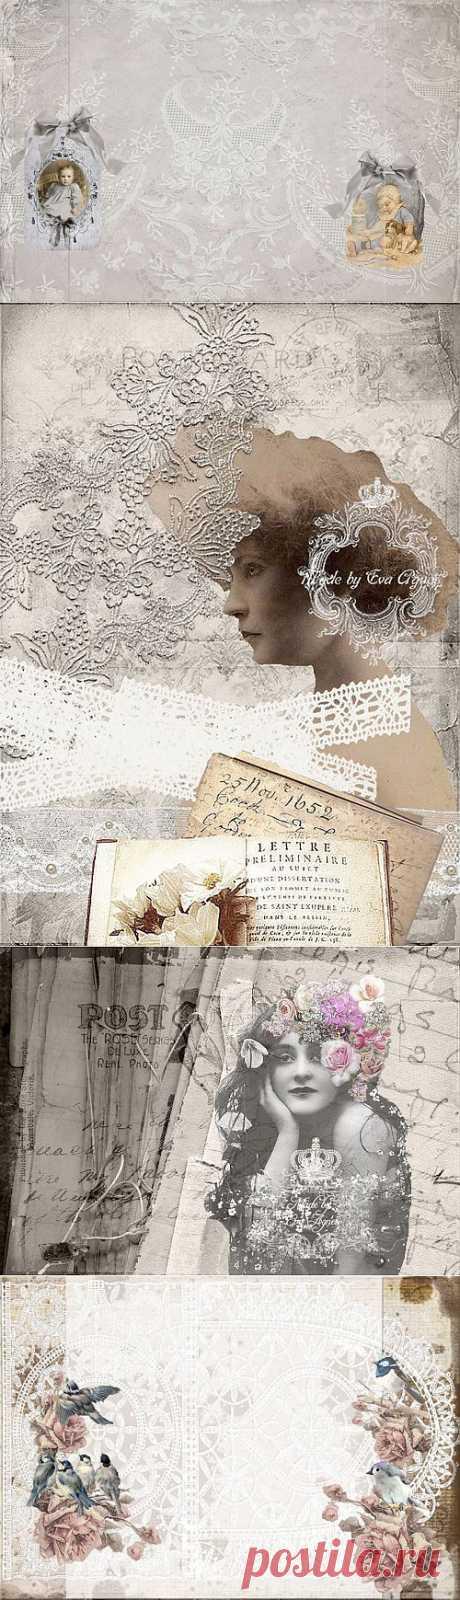 винтажные фоны и изображения от Eva Agnes Lundskog, Швеция.